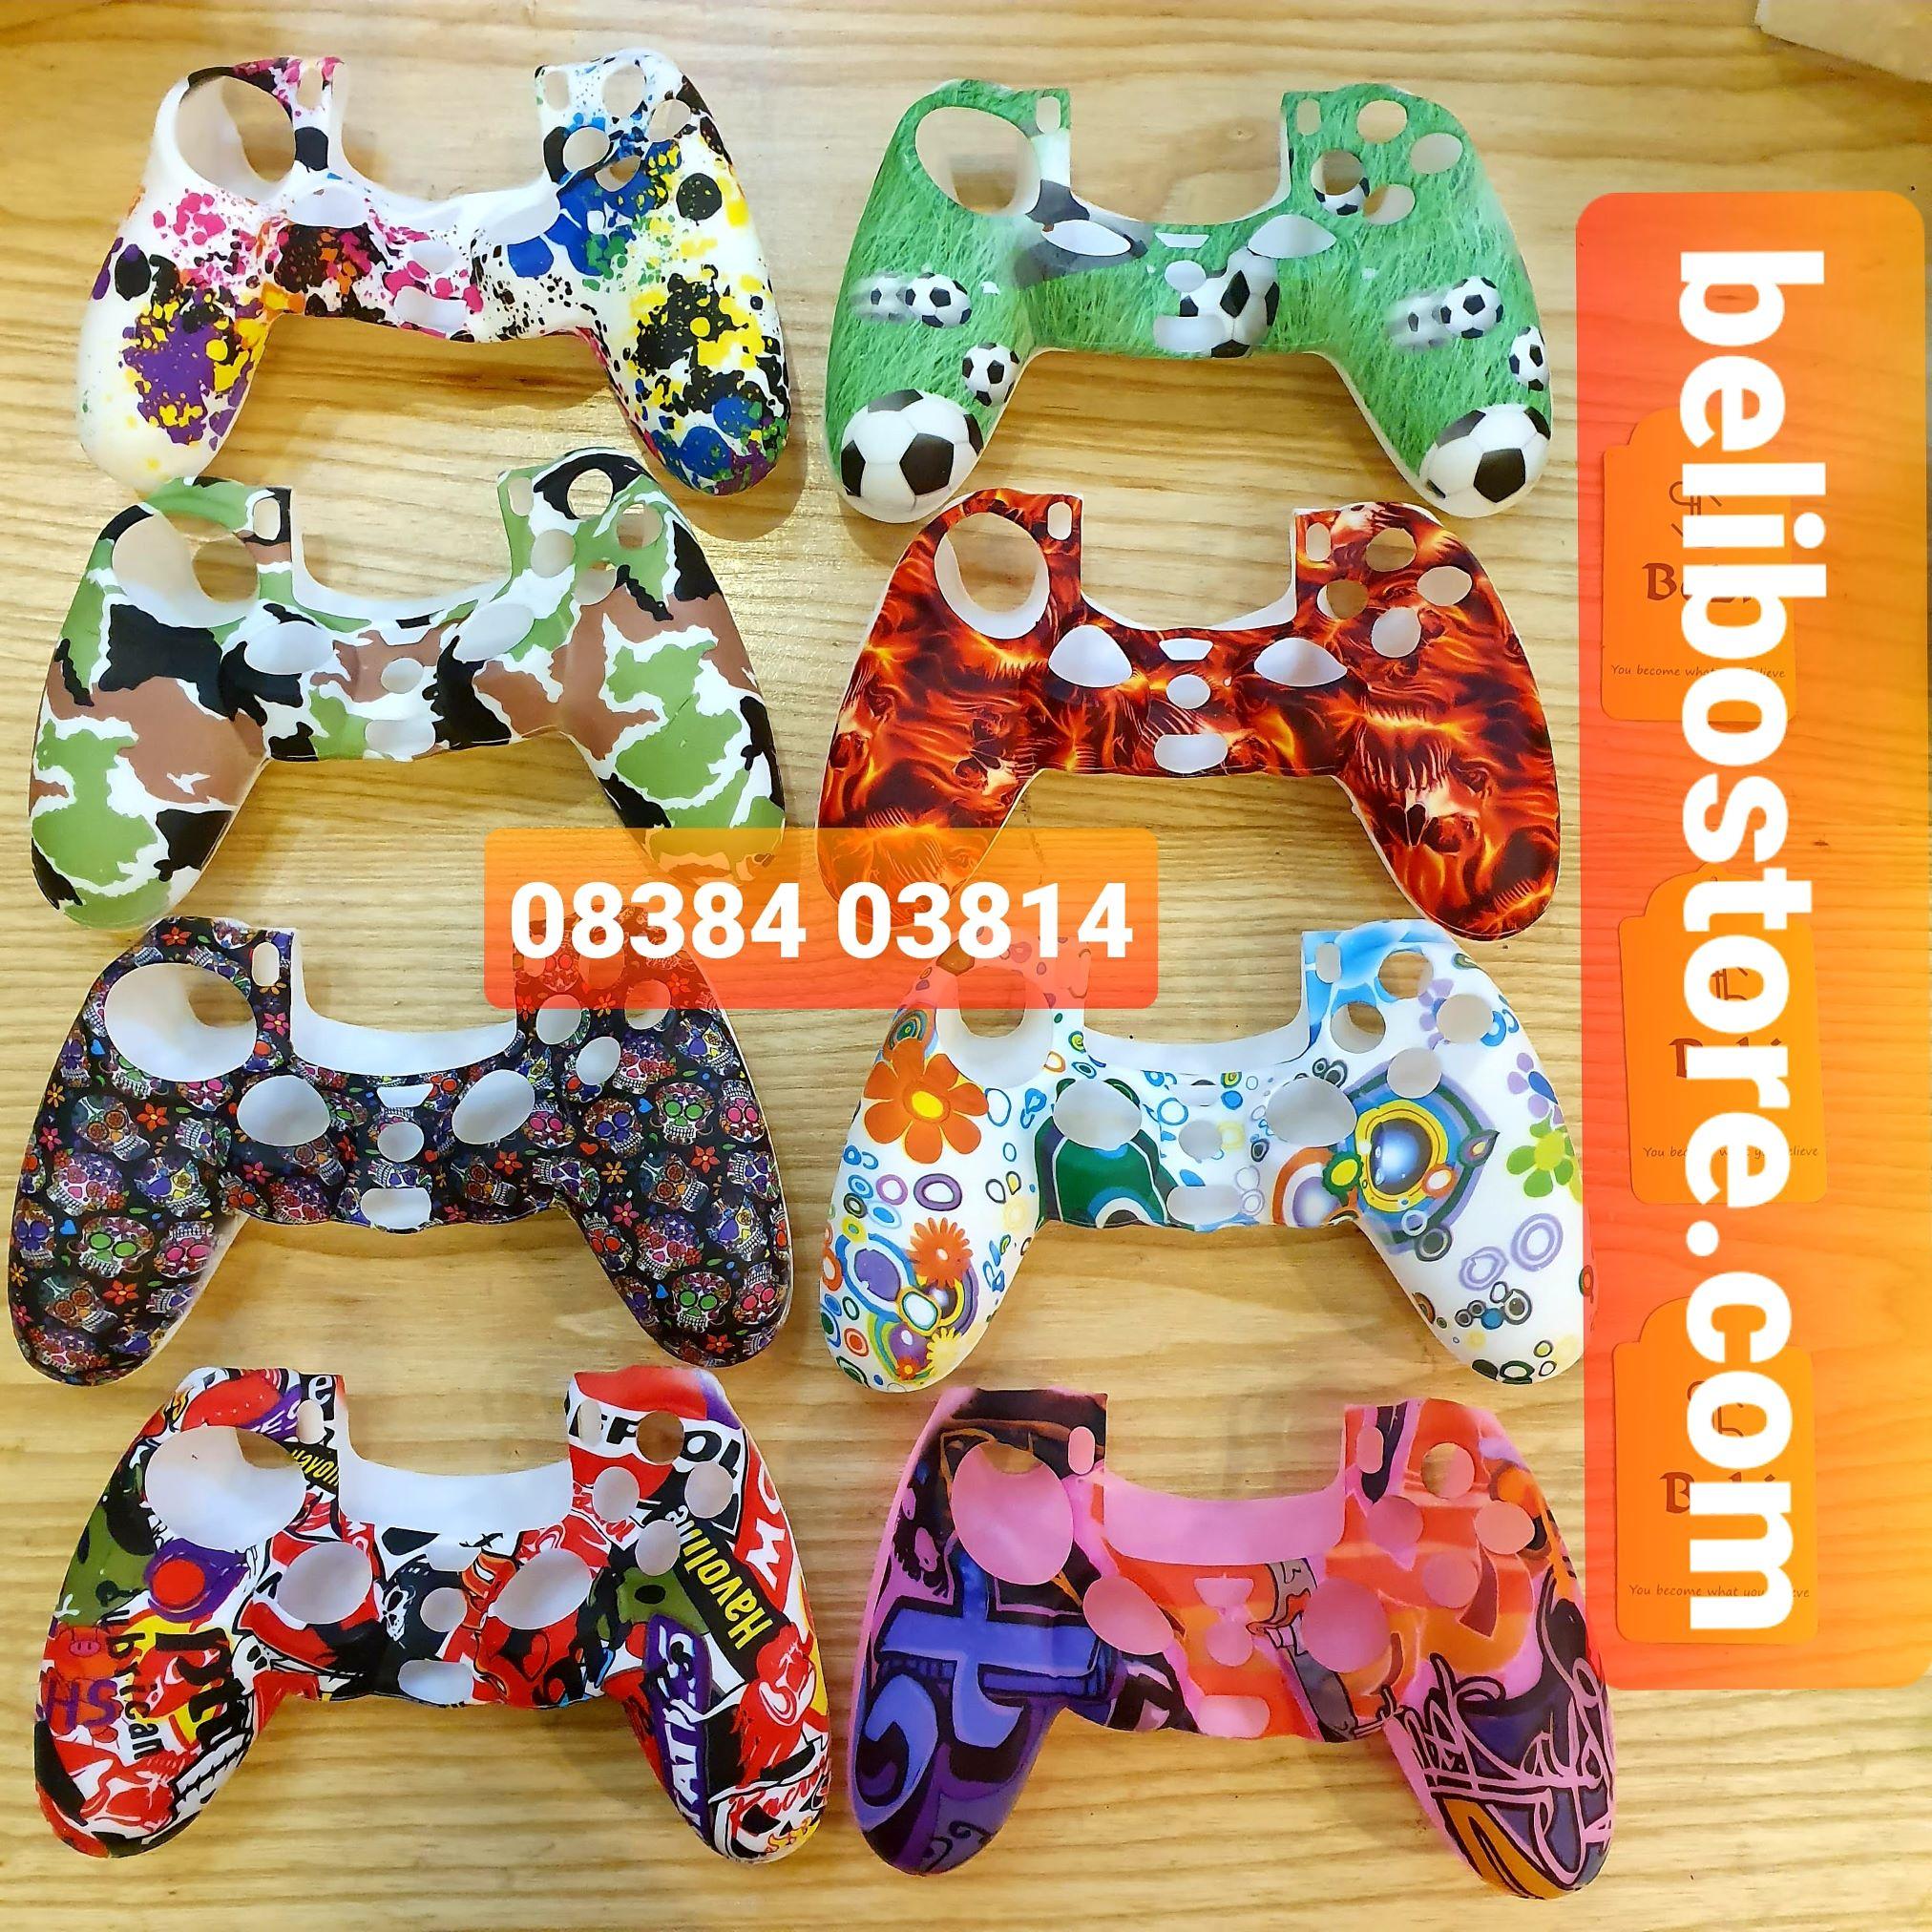 vo-bo-c-cao-su-silicon-mem-bao-ve-tay-cam-choi-game-ps4-dualshock-4